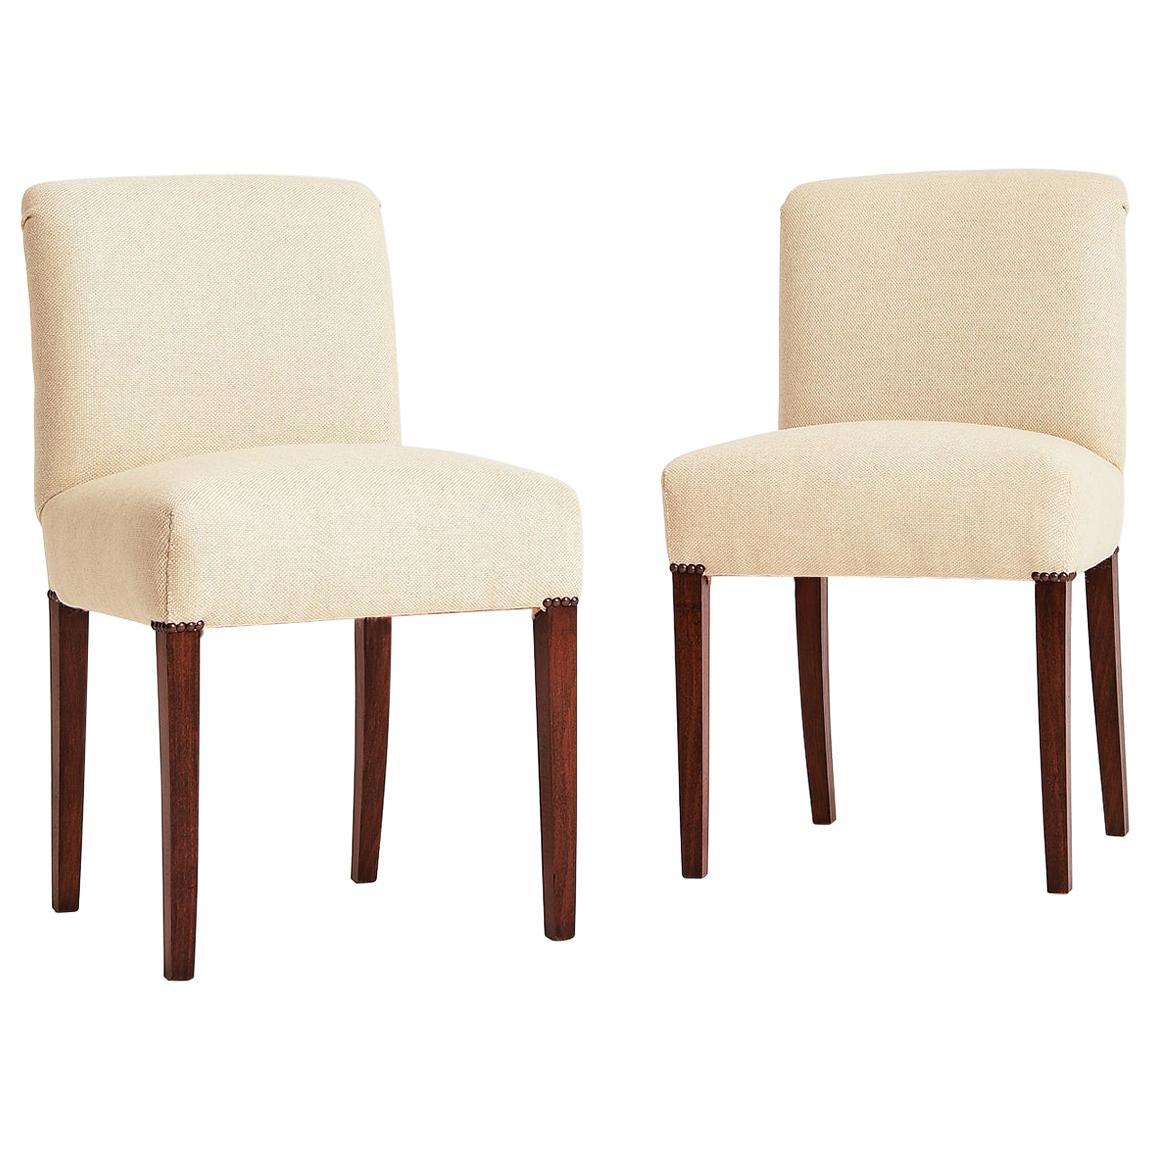 Pair of Art Deco Slipper Chairs